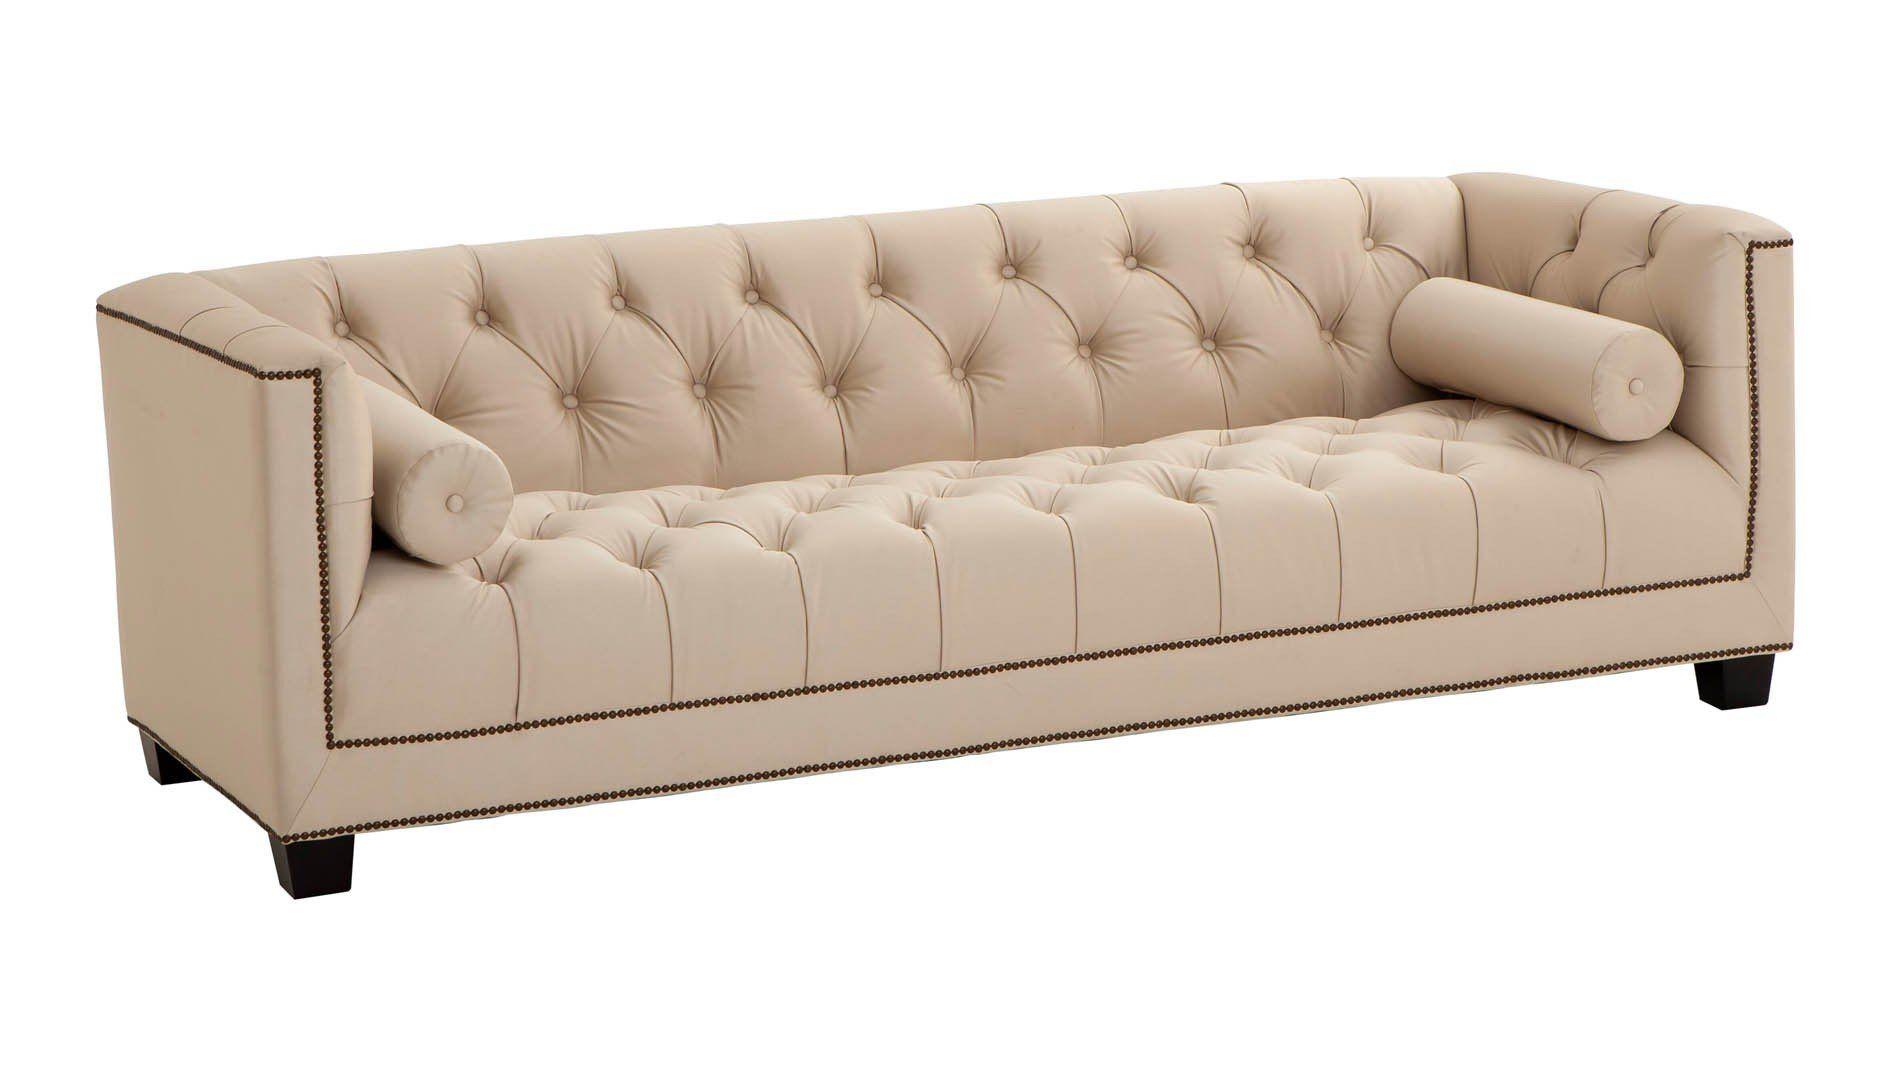 Eichholtz Davidoff Sofa Buy Online At Luxdeco Sofa